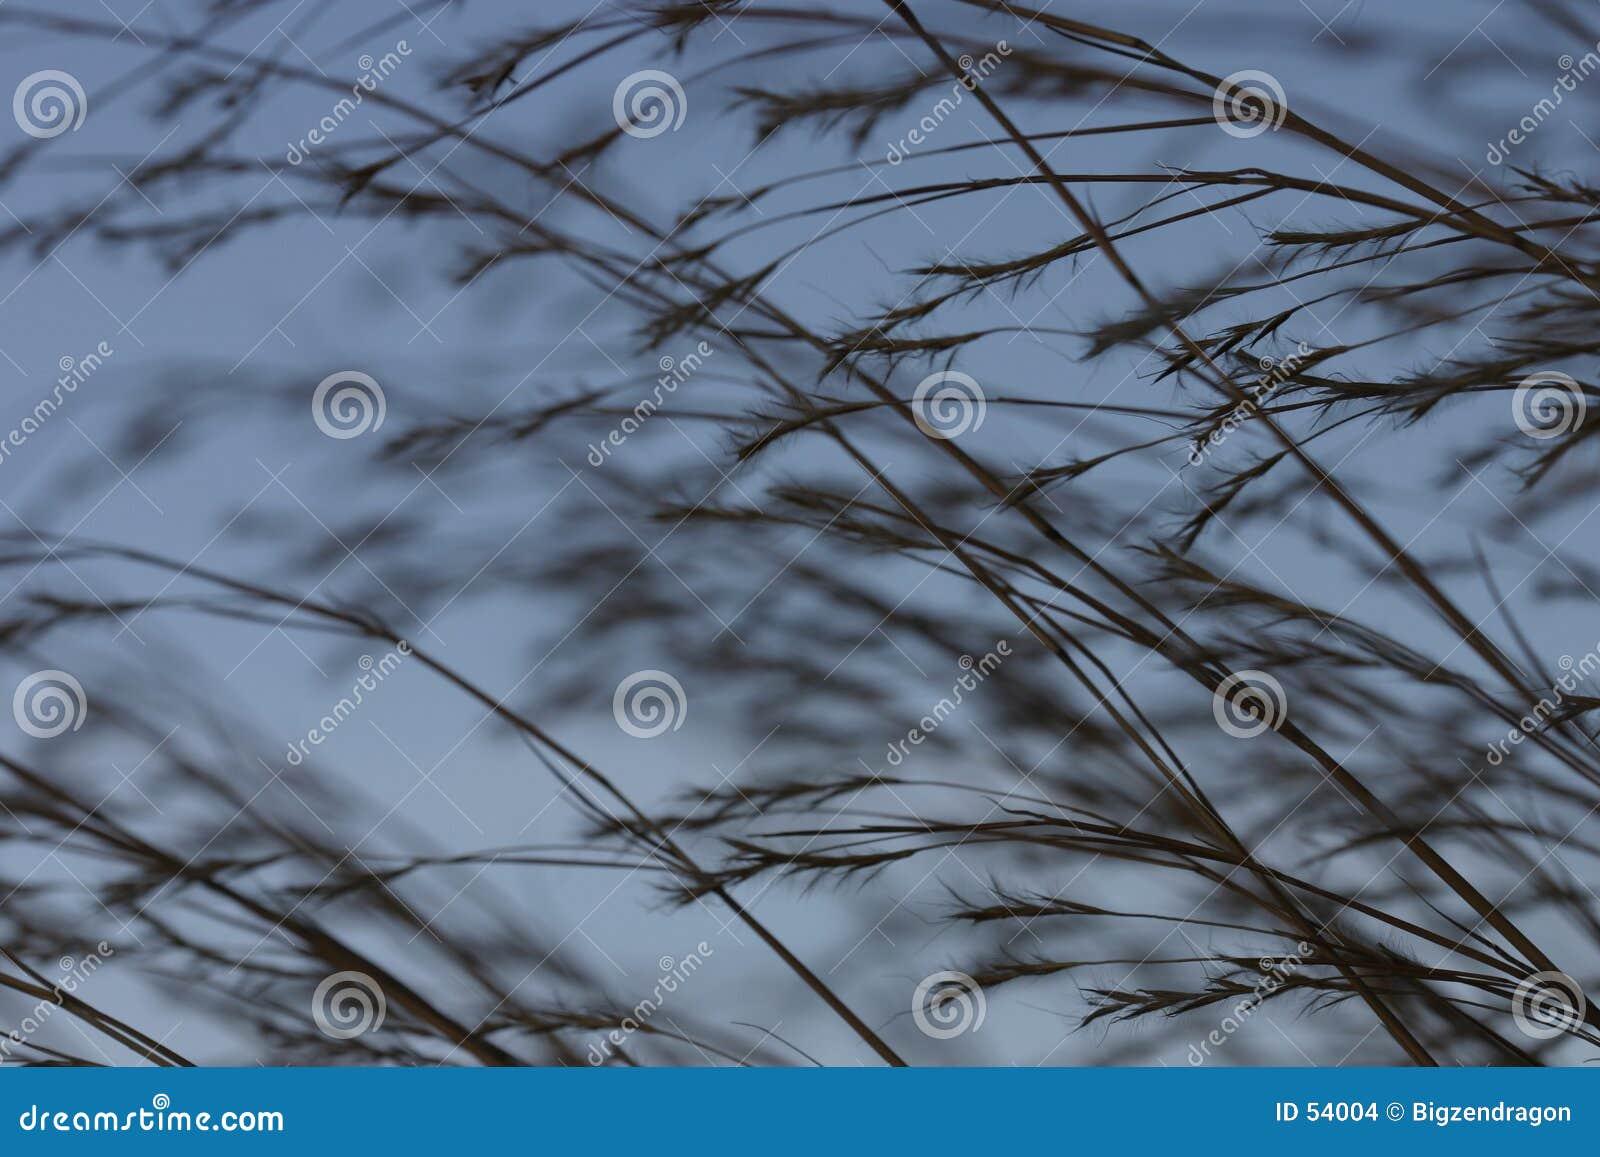 Download Herbe 2 de Praire photo stock. Image du graine, blé, centrale - 54004